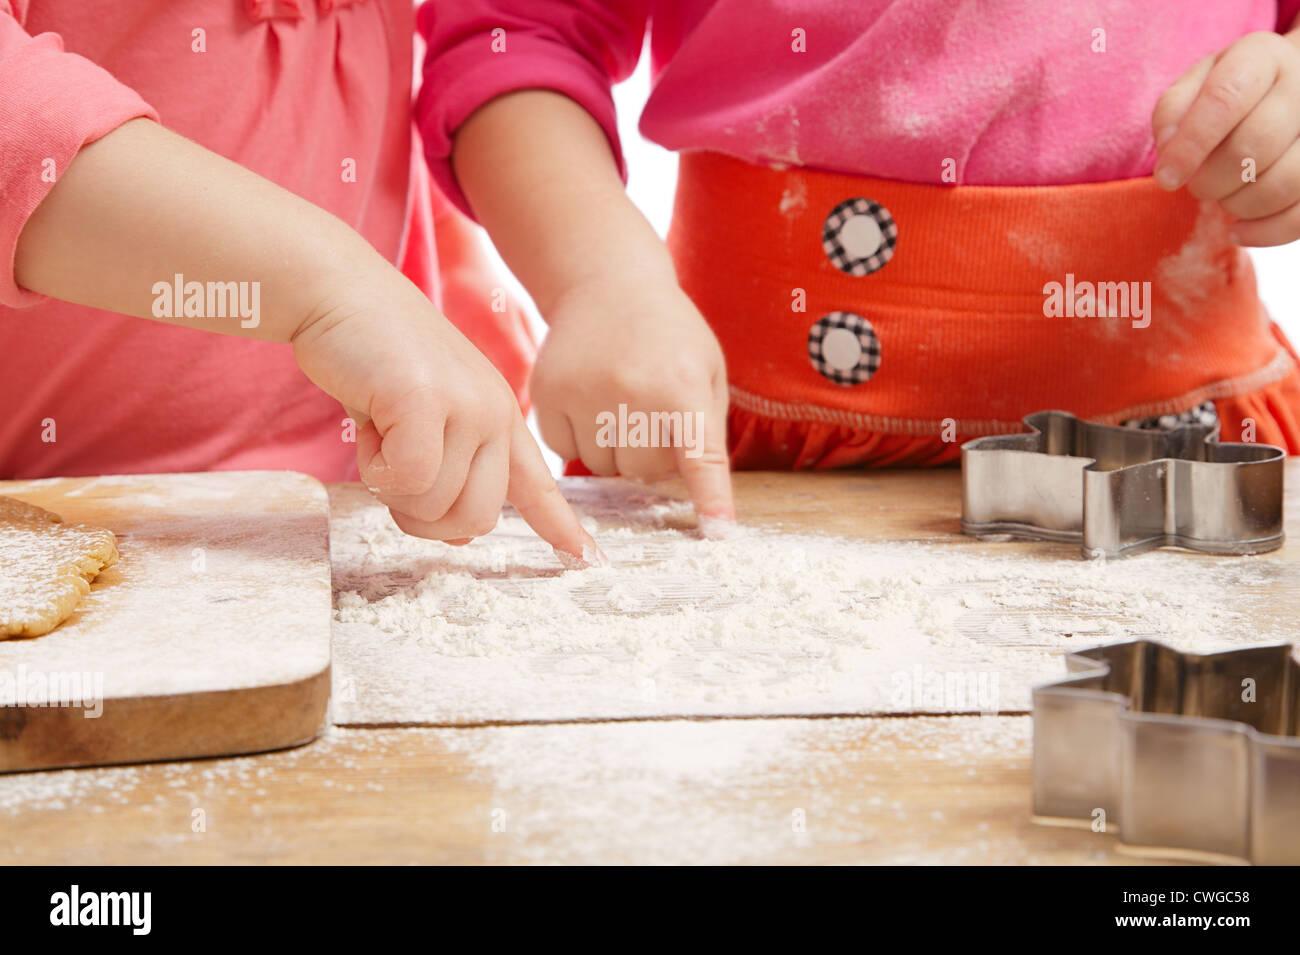 Les petites filles de la cuisson et s'amusant, les mains seulement Photo Stock